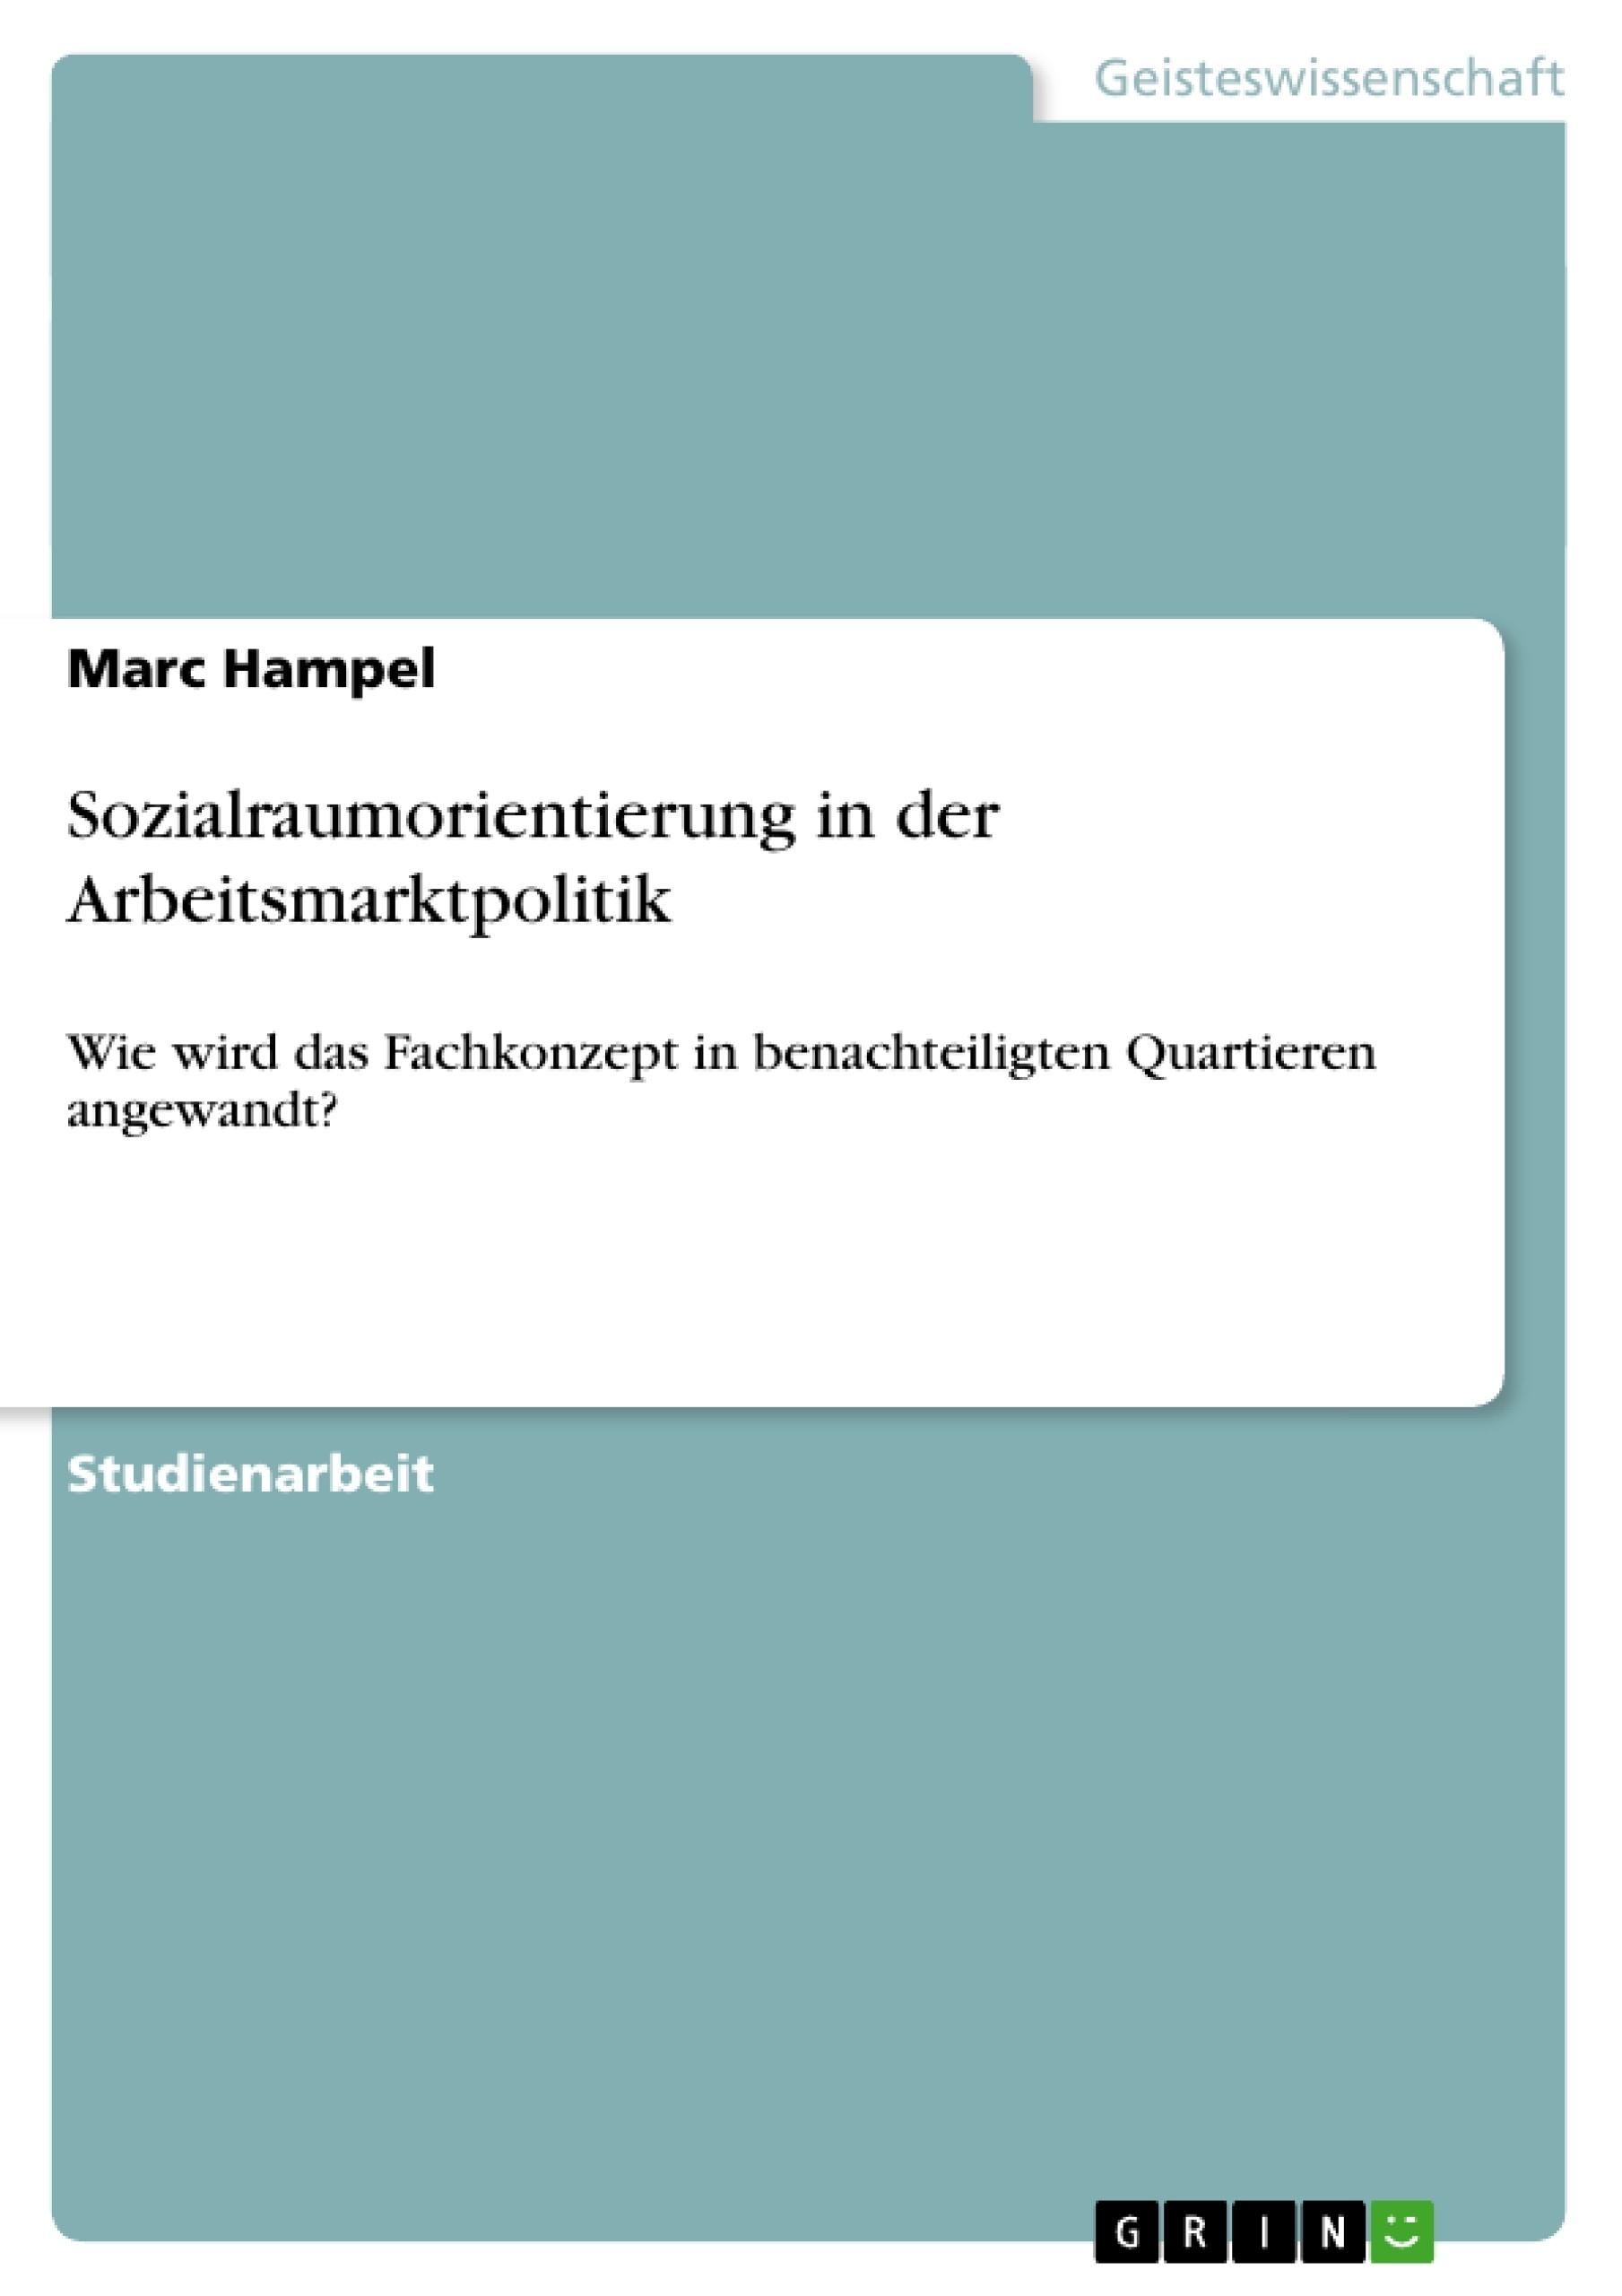 Titel: Sozialraumorientierung in der Arbeitsmarktpolitik